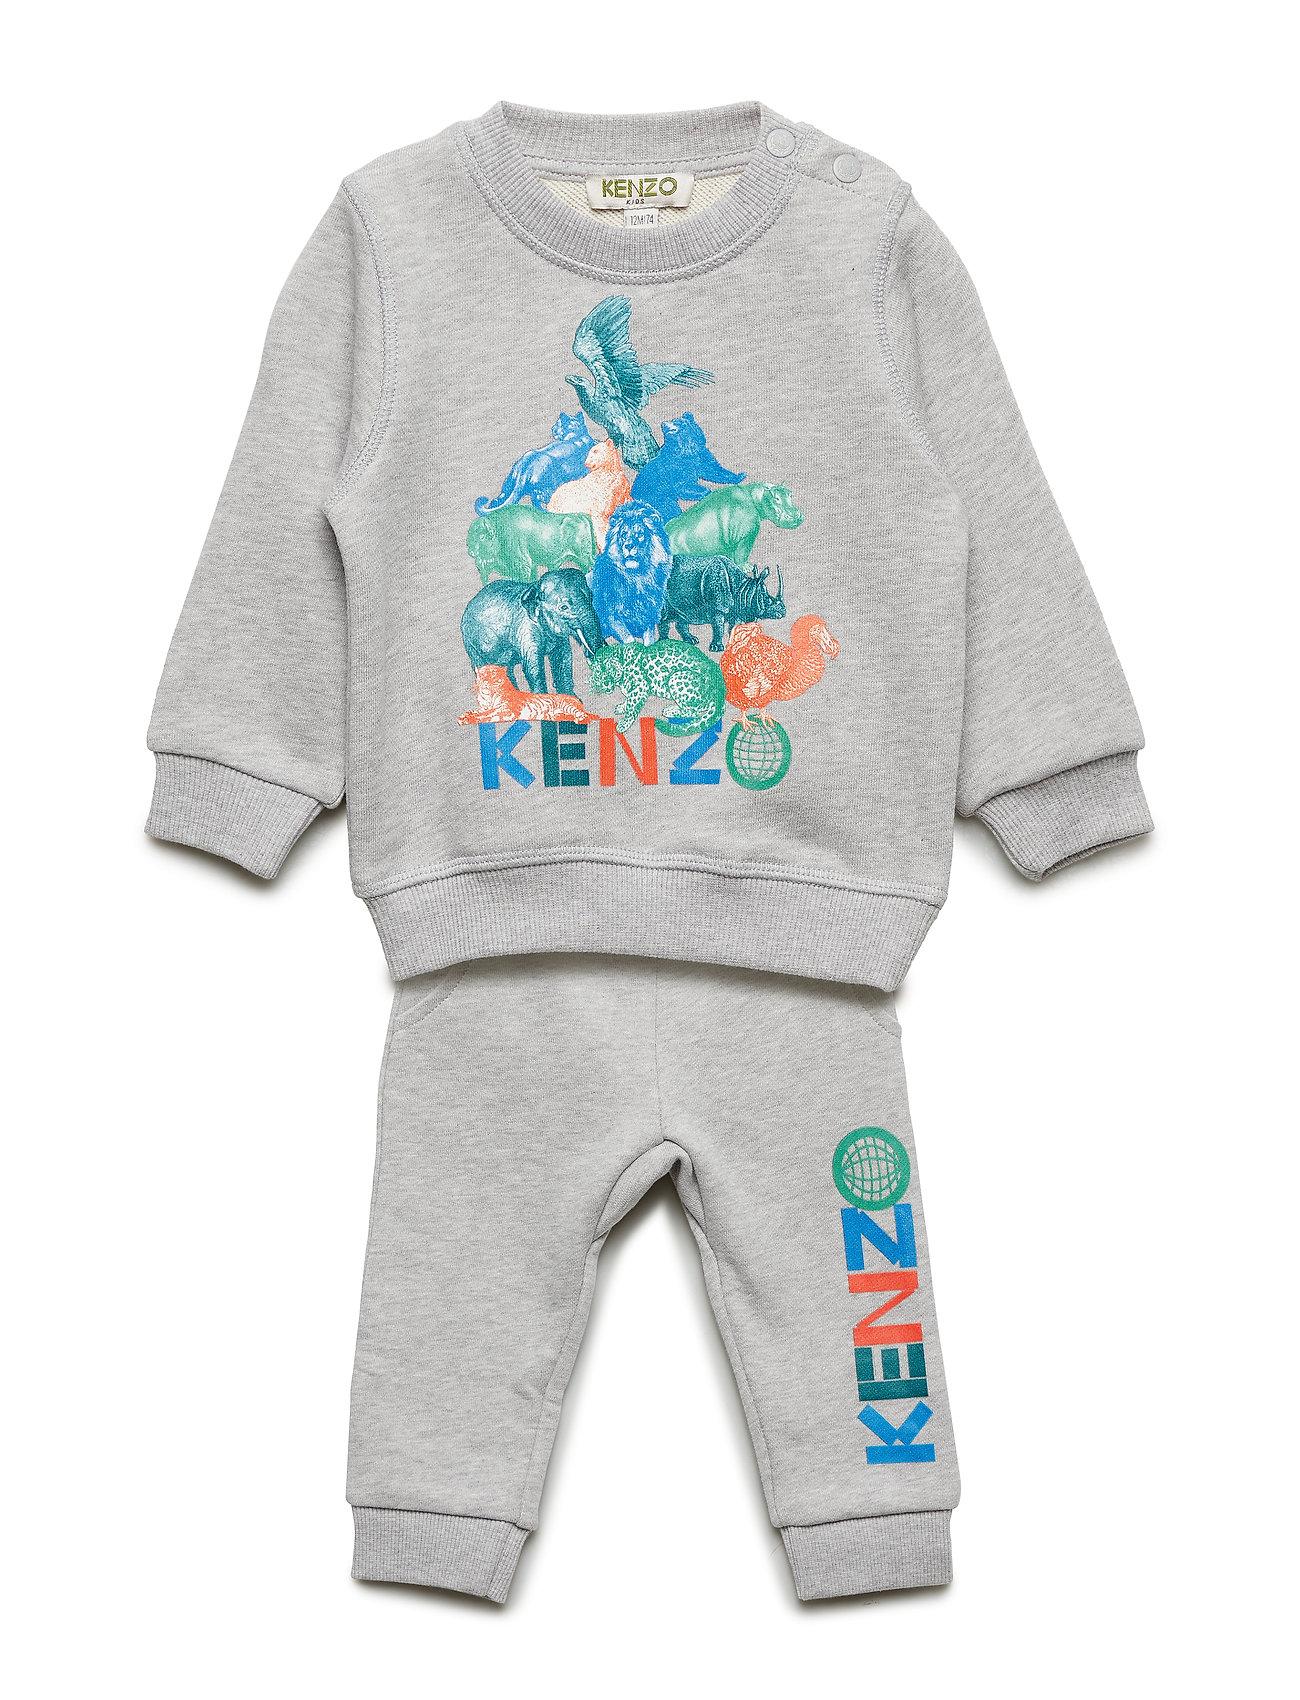 Kenzo GONCA - GREY